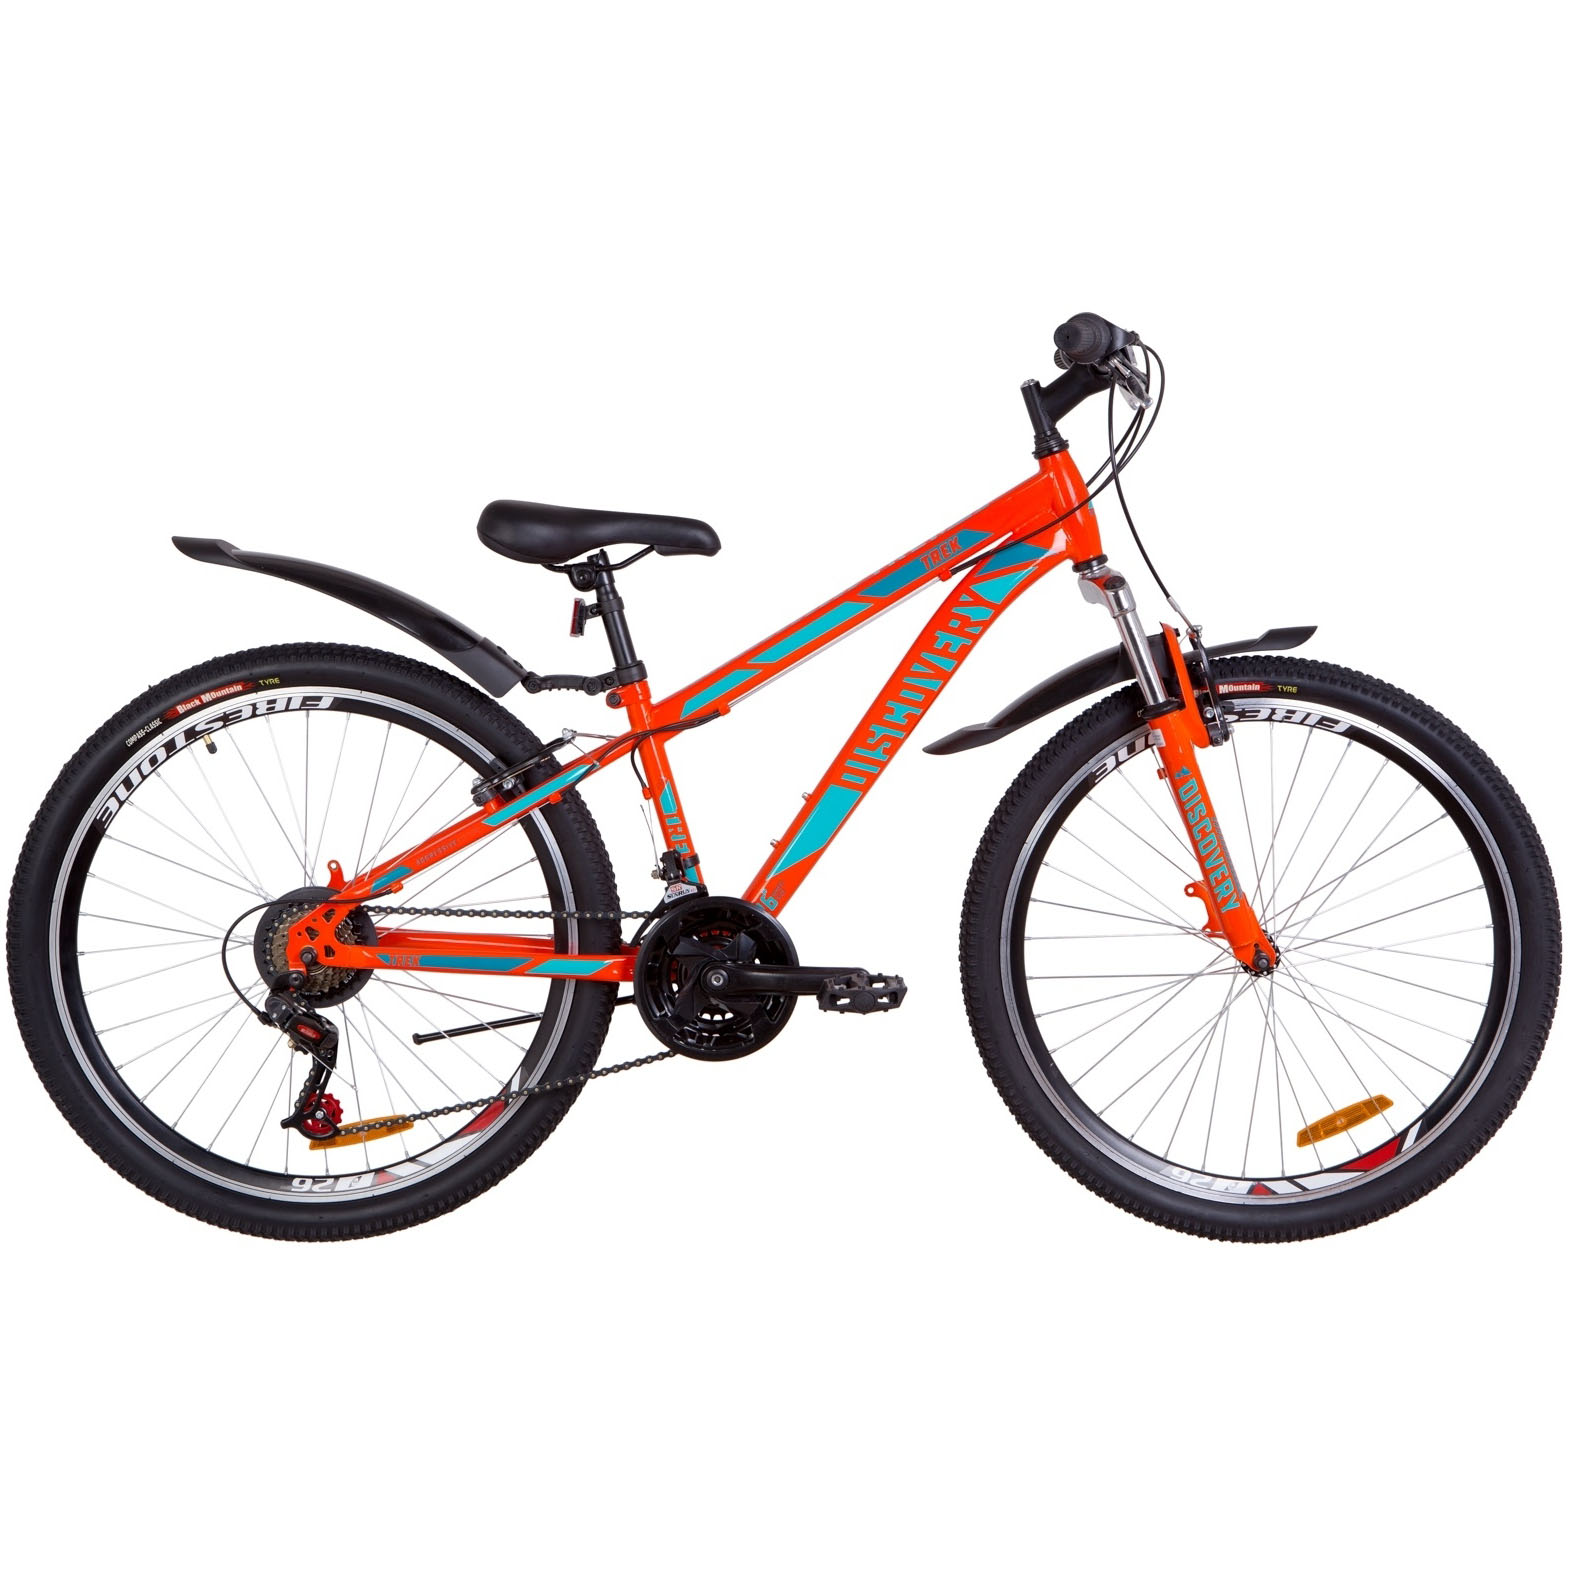 Фото Подростковый Горный Велосипед 26 Discovery TREK рама-15″  оранжево-бирюзовый 2019